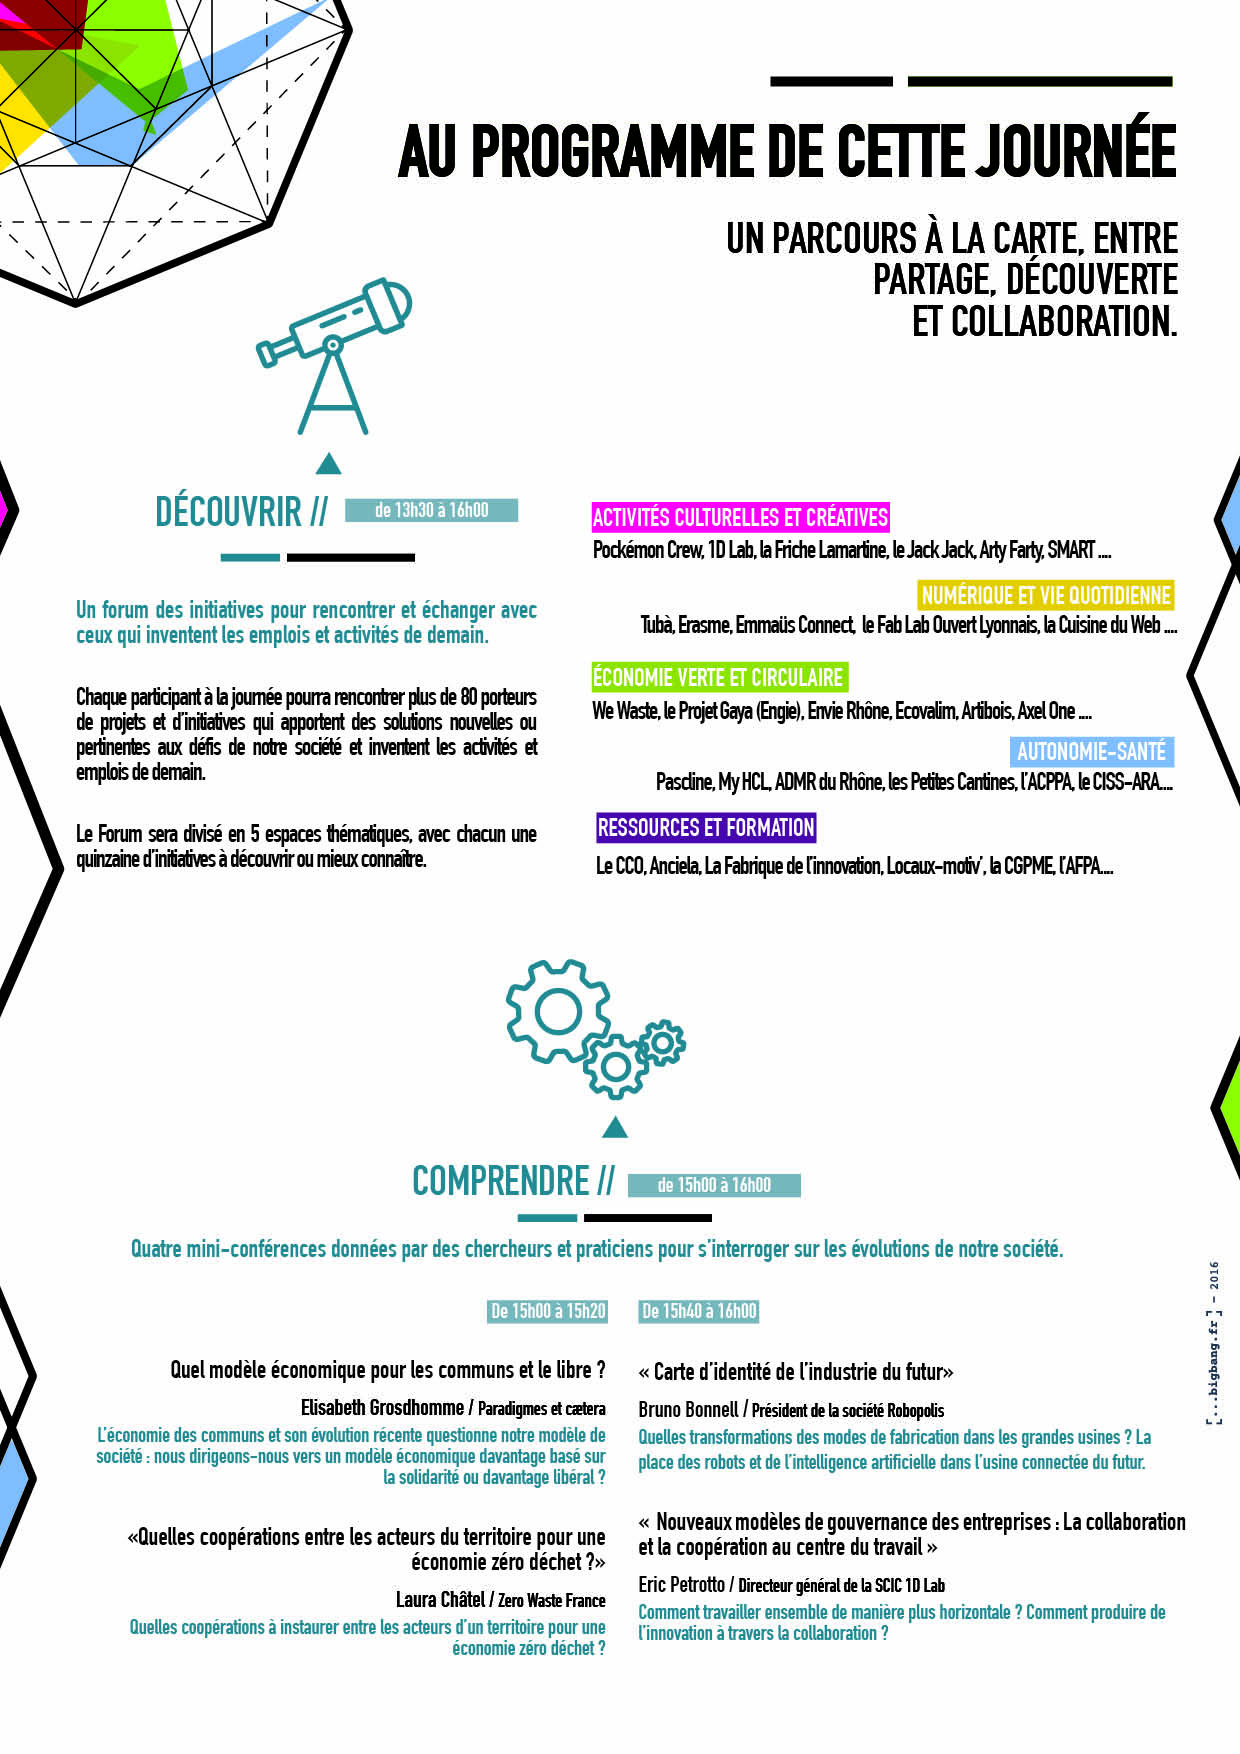 A Lyon, un Forum prospectif sur les Emplois et activités de demain Programme-du-grand-rdv-19.11.16_2